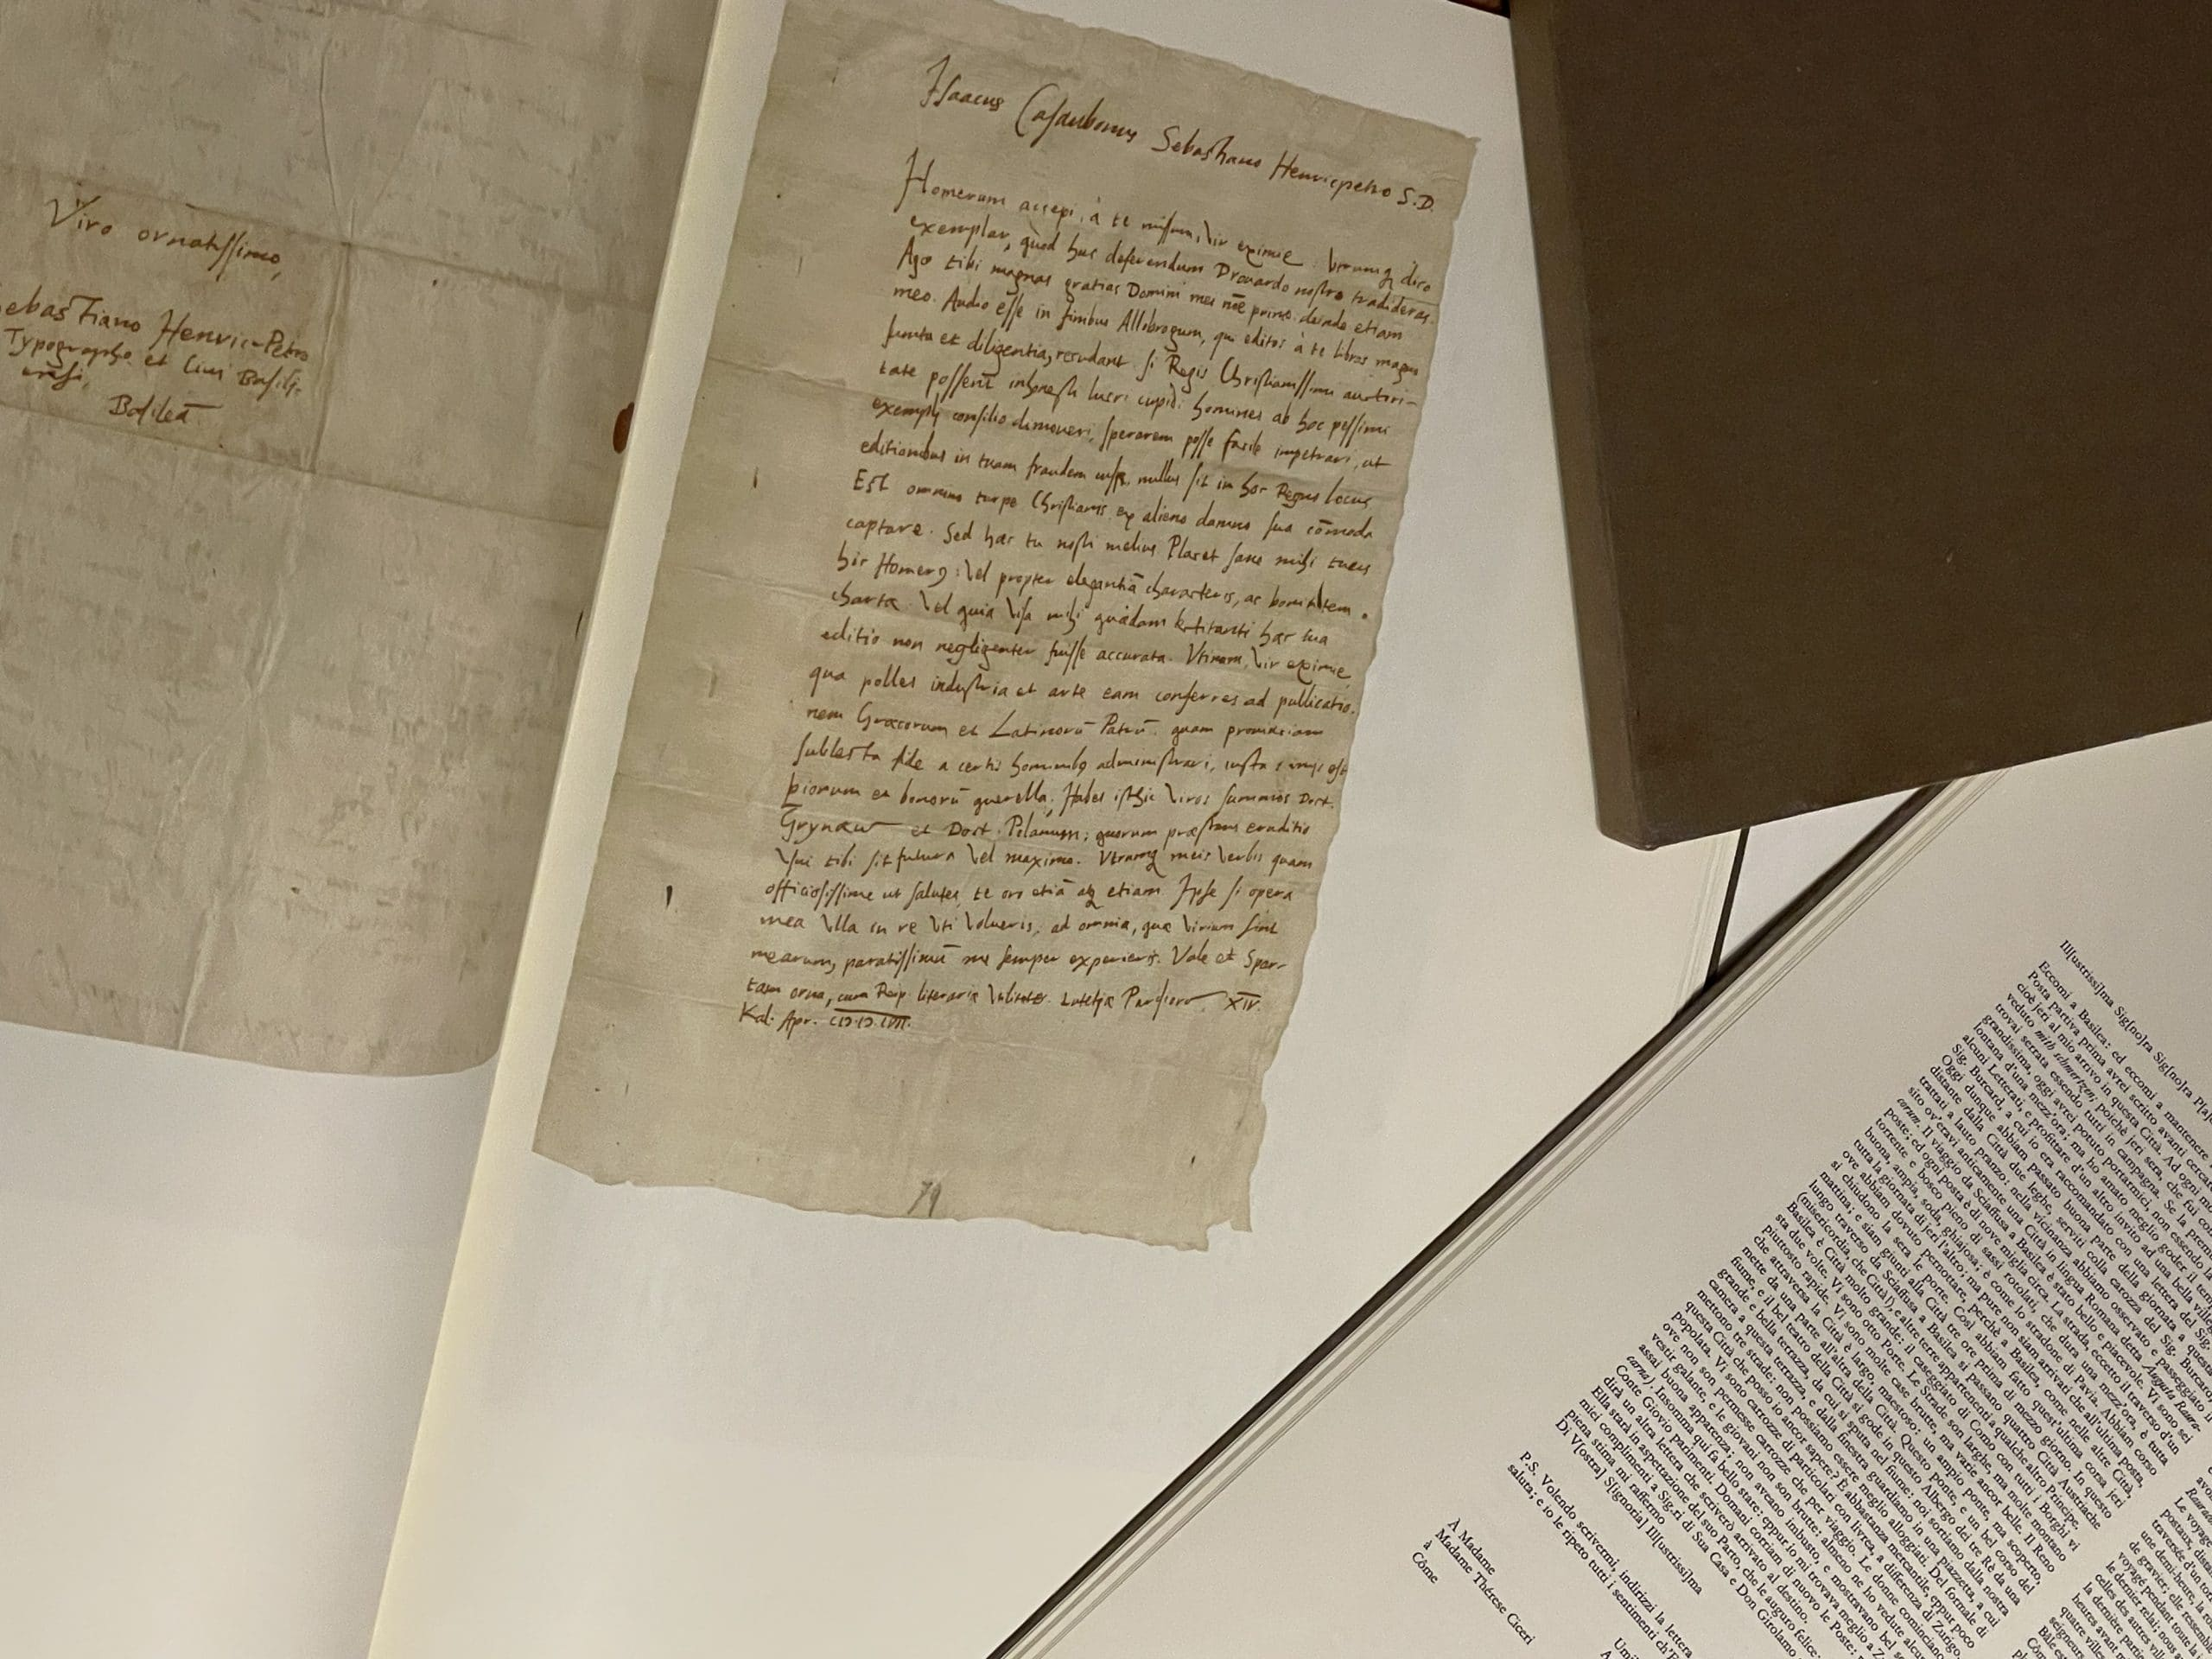 Ein extrem rarer Neuzugang in der HandWritingBiblio: Auszug aus Karl Geigy-Hagenbachs Autographensammlung